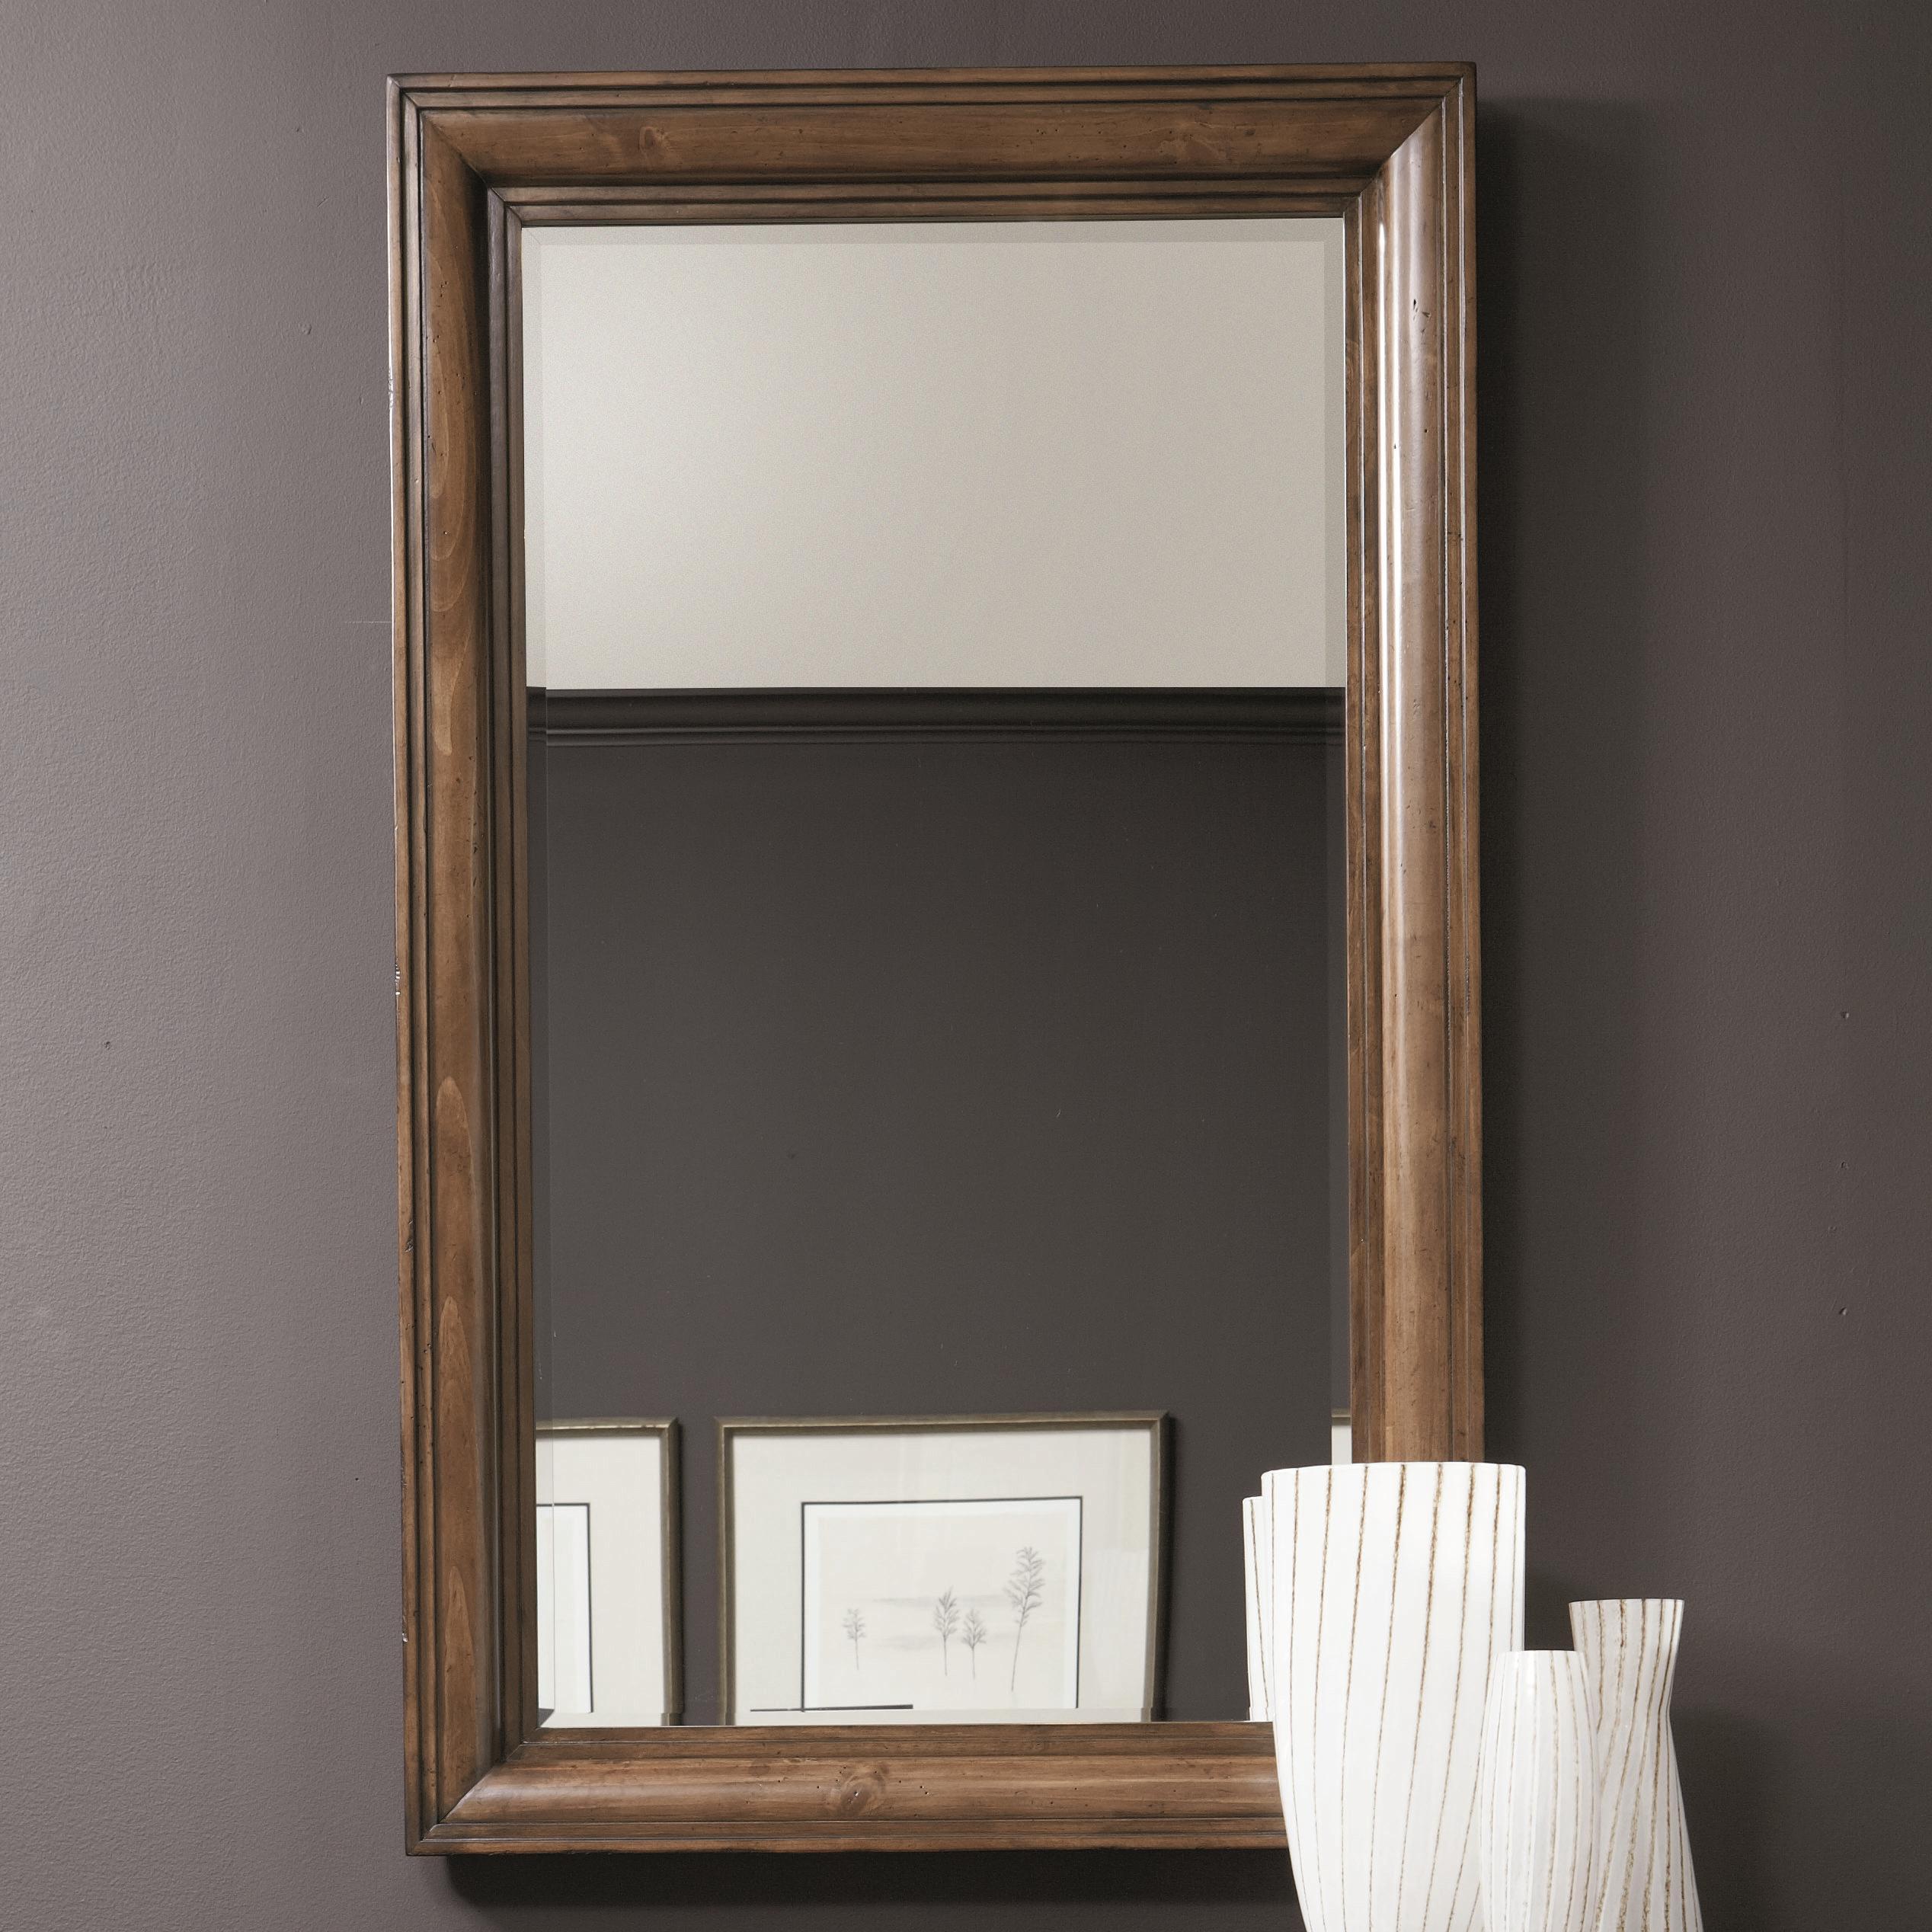 Bernhardt Montebella Mirror - Item Number: 350-322